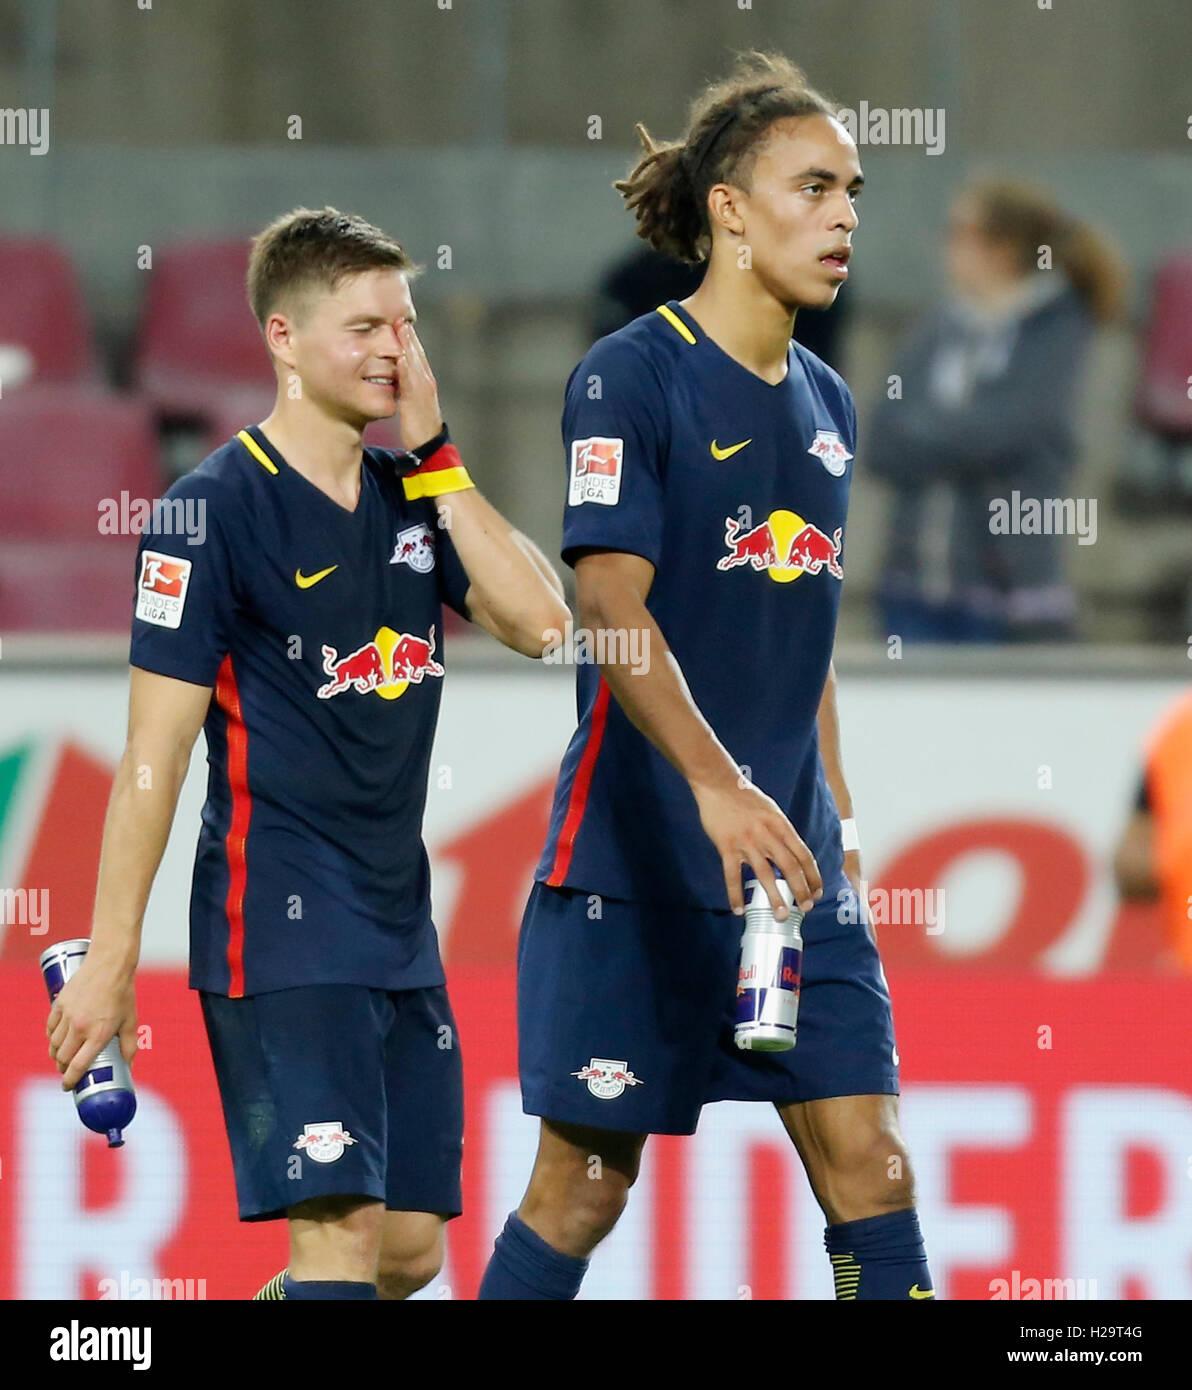 Terza Maglia RB Leipzig Yussuf Poulsen